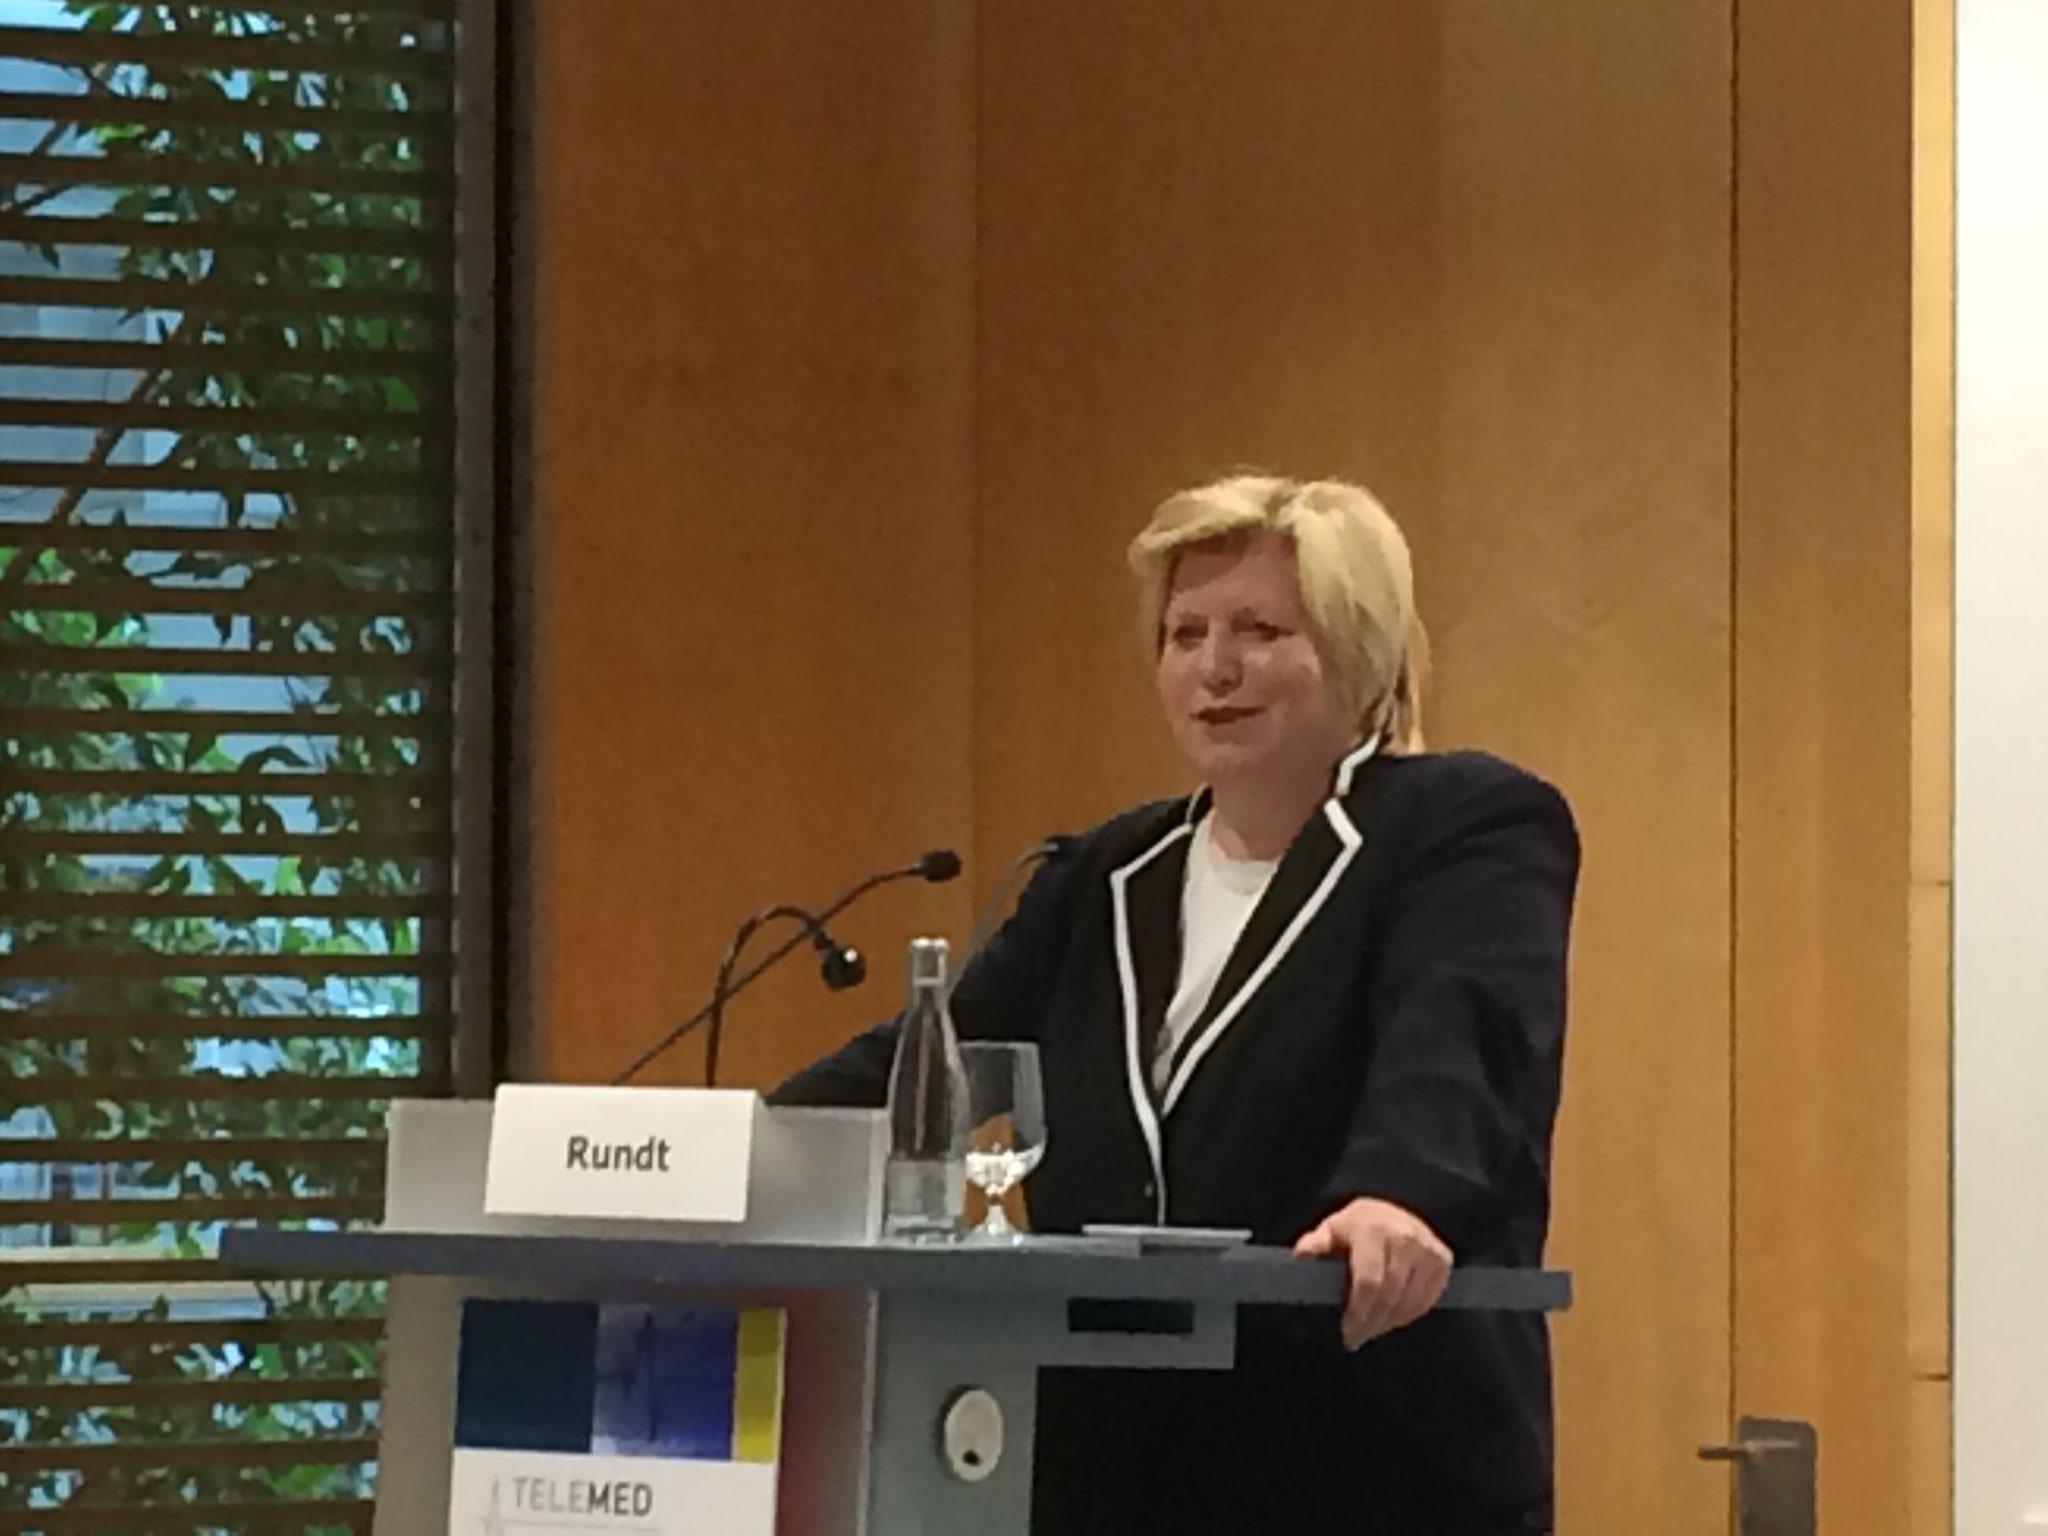 Rundt Engagement @NdsLandesReg #Telemed16 zB Niedersächsischer Gesundheitspreis prämiiert Innovationen in eHealth https://t.co/Jji5wlRKYo